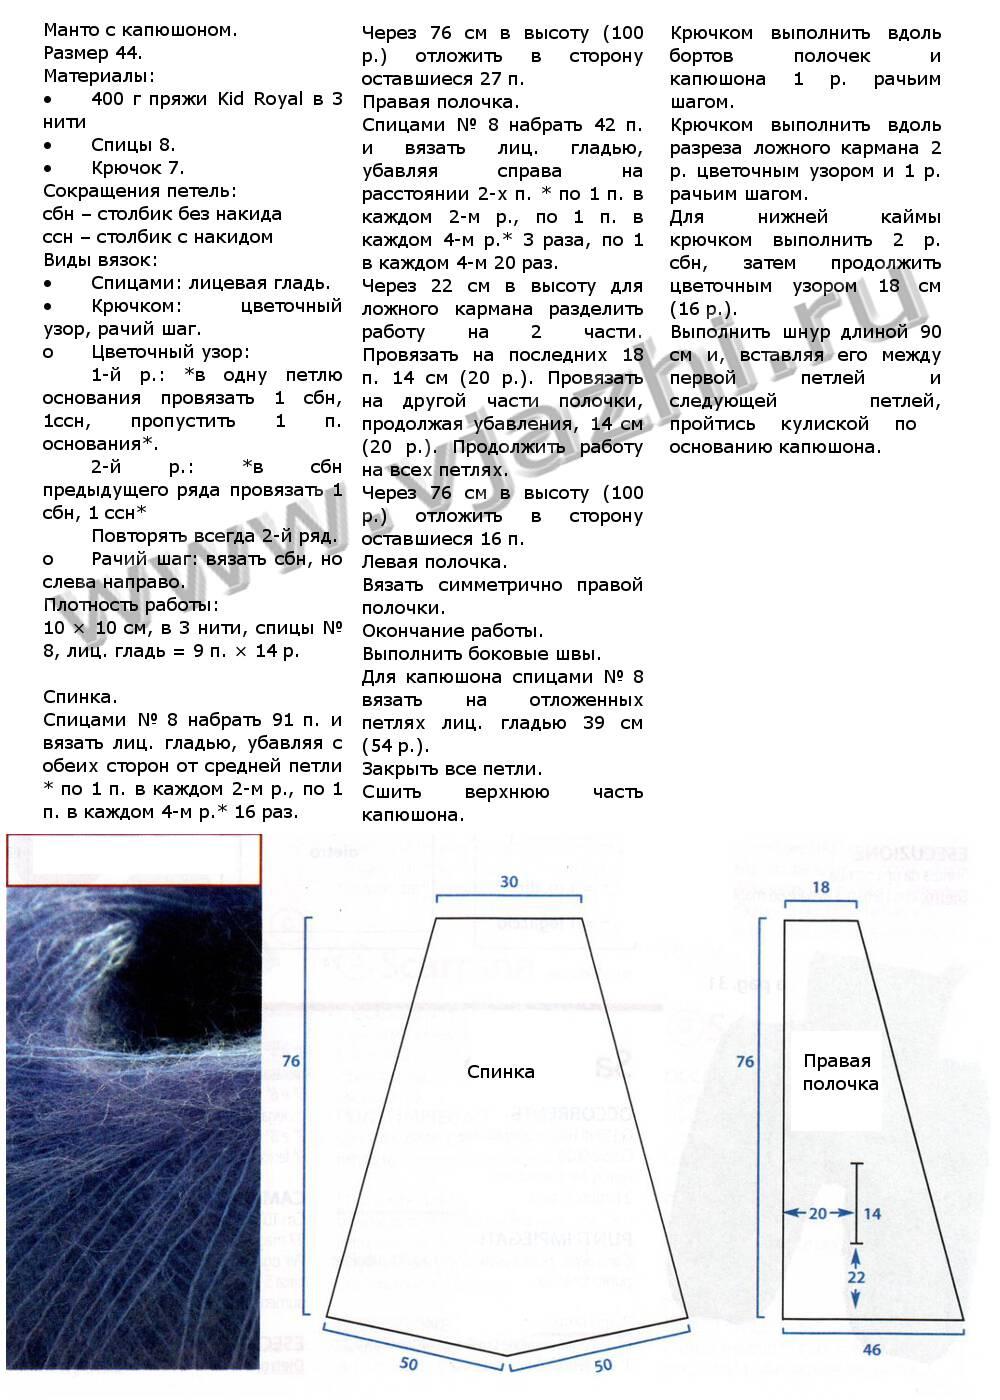 Шуба вязаная крючком схема и описание